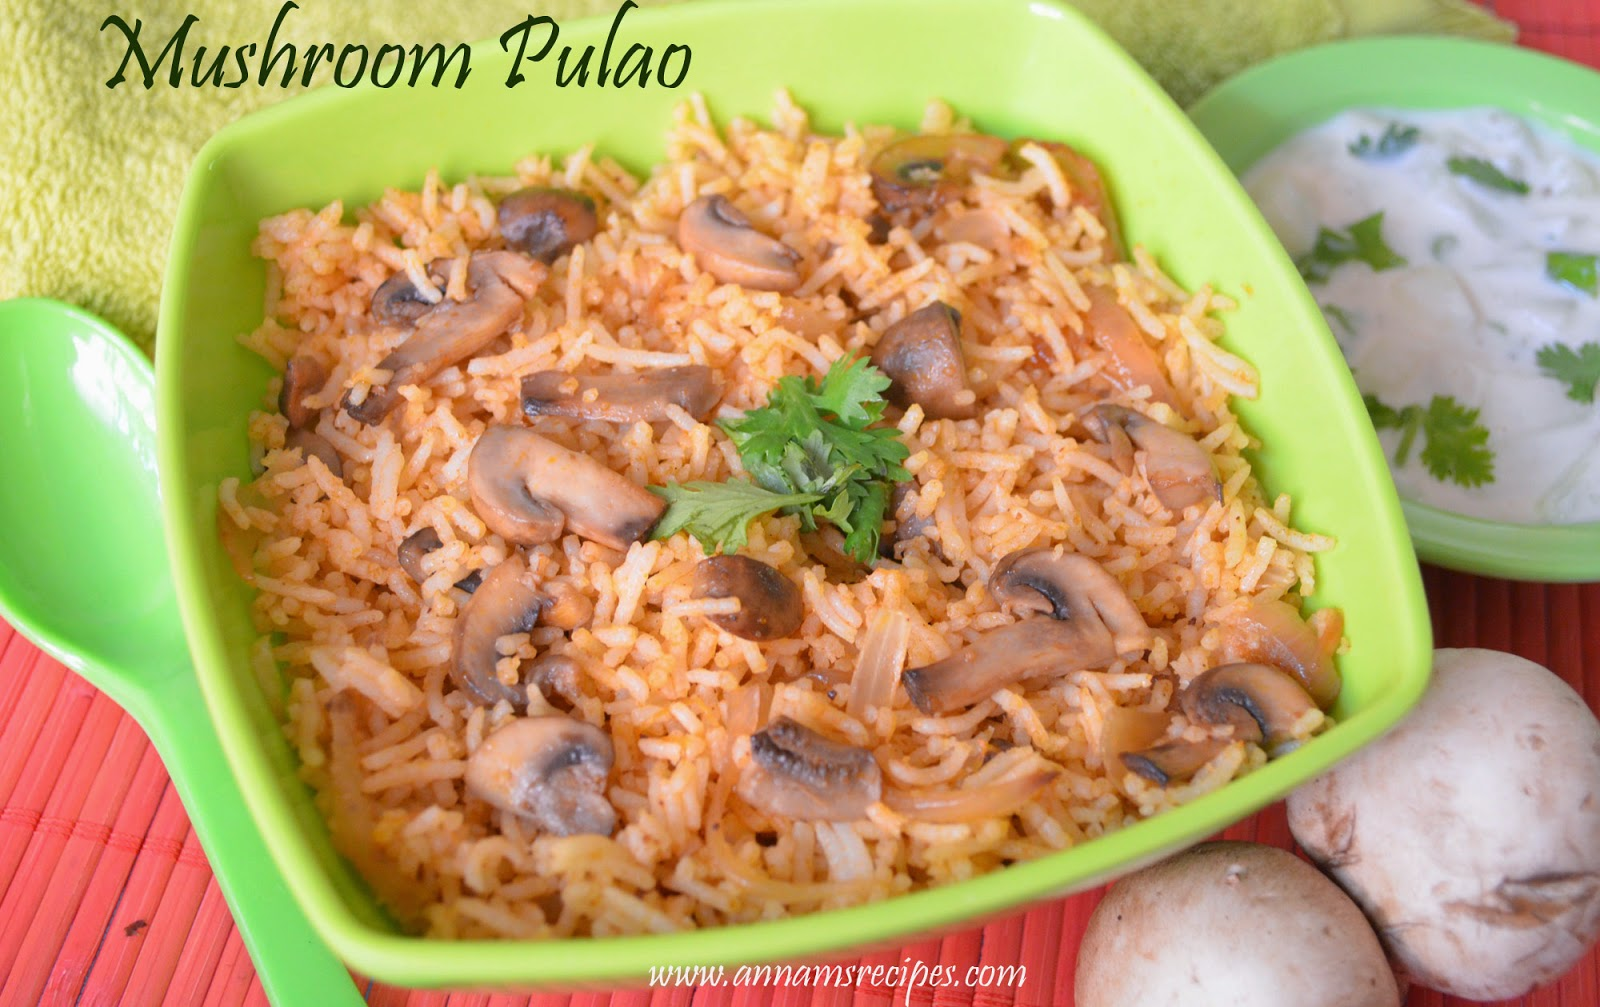 Mushroom Pulao